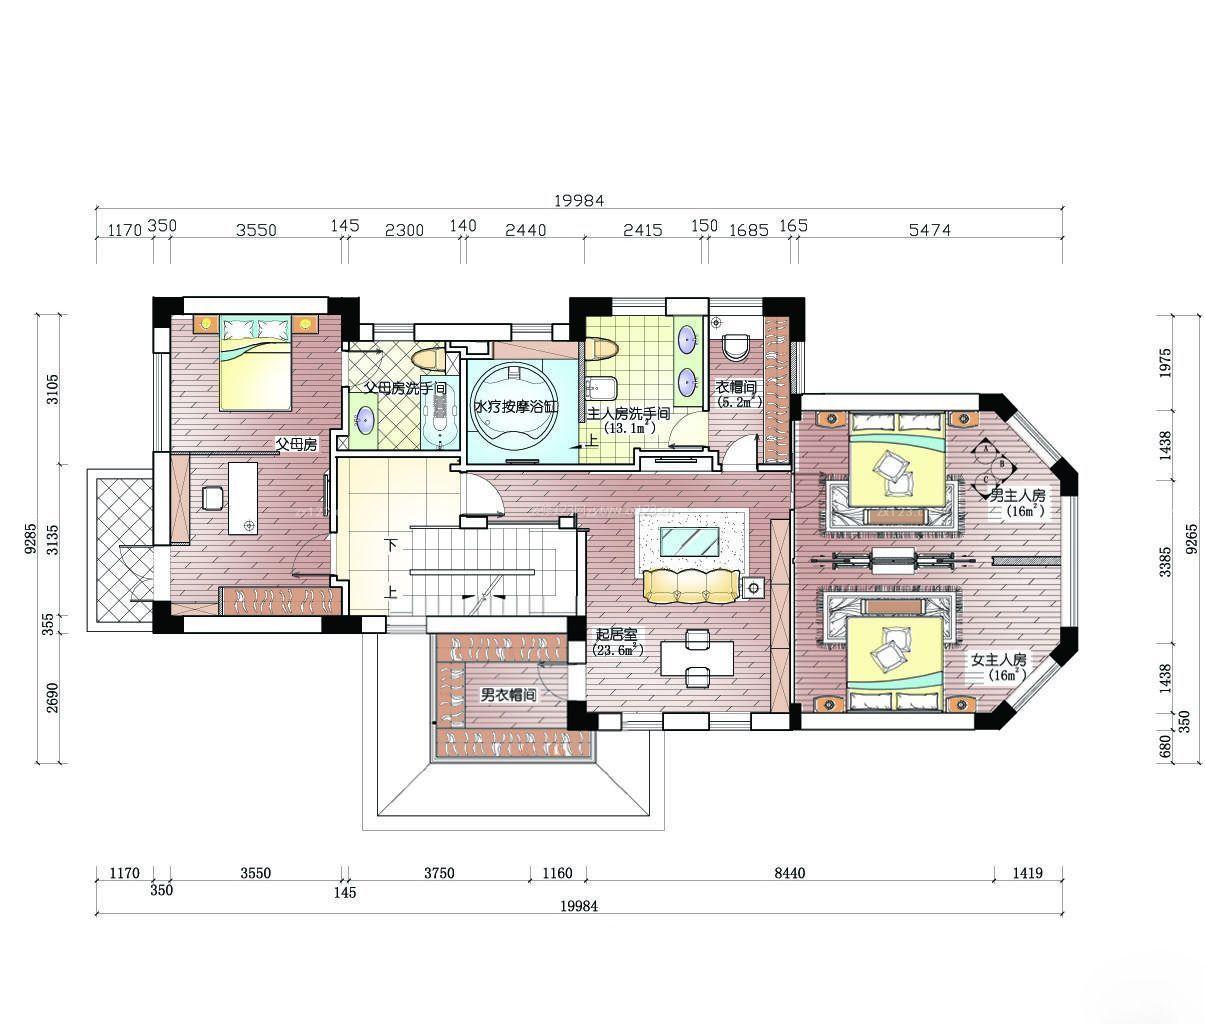 家装效果图 别墅 高档小型农村别墅平面设计图 提供者: ← → 可以-